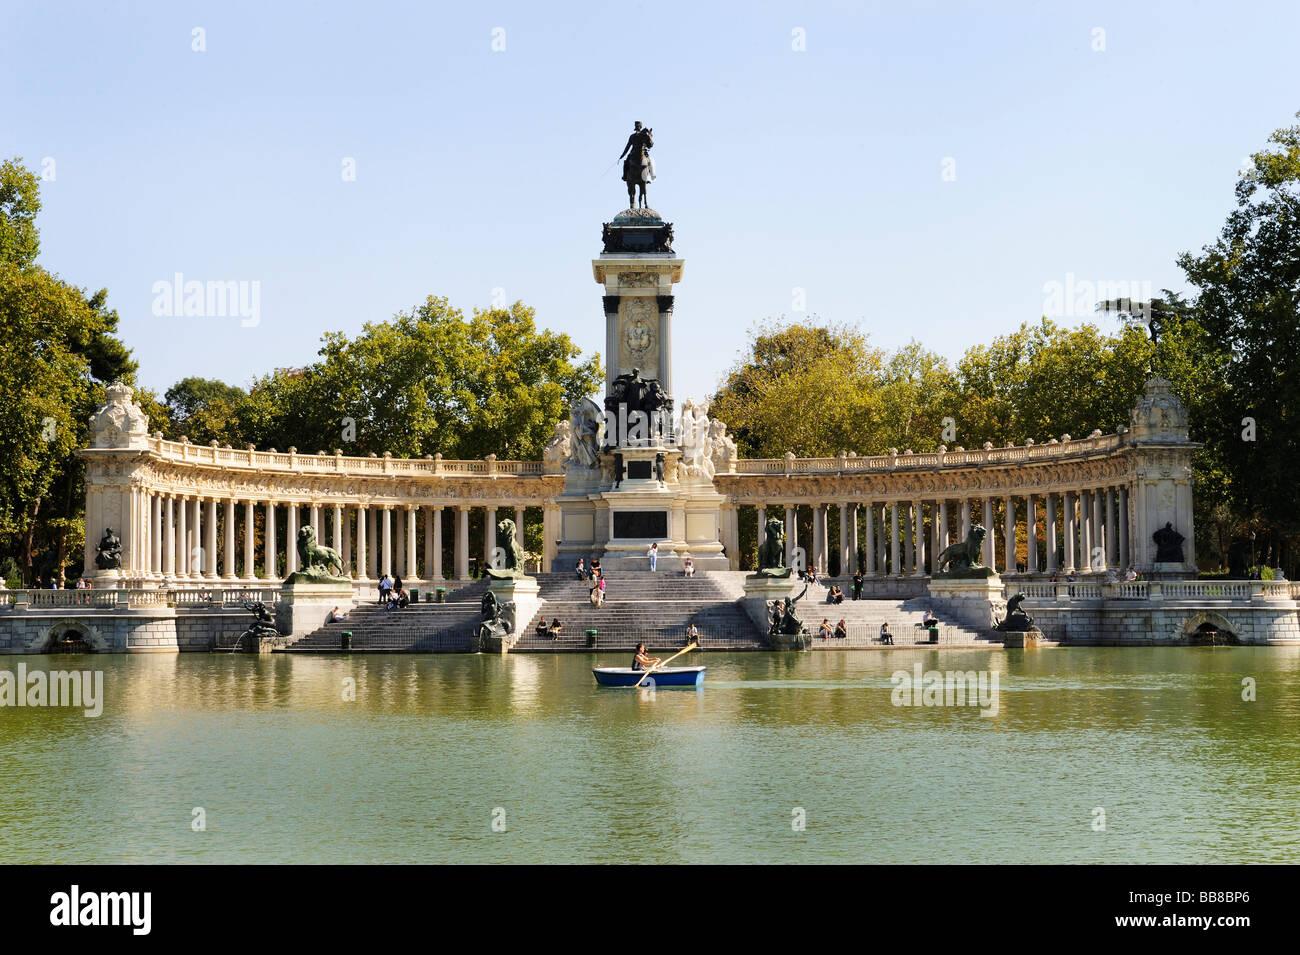 Parque del Buen Retiro, Parc de la retraite agréable ou d'El Retiro avec le monument à Alfonso XII, Photo Stock